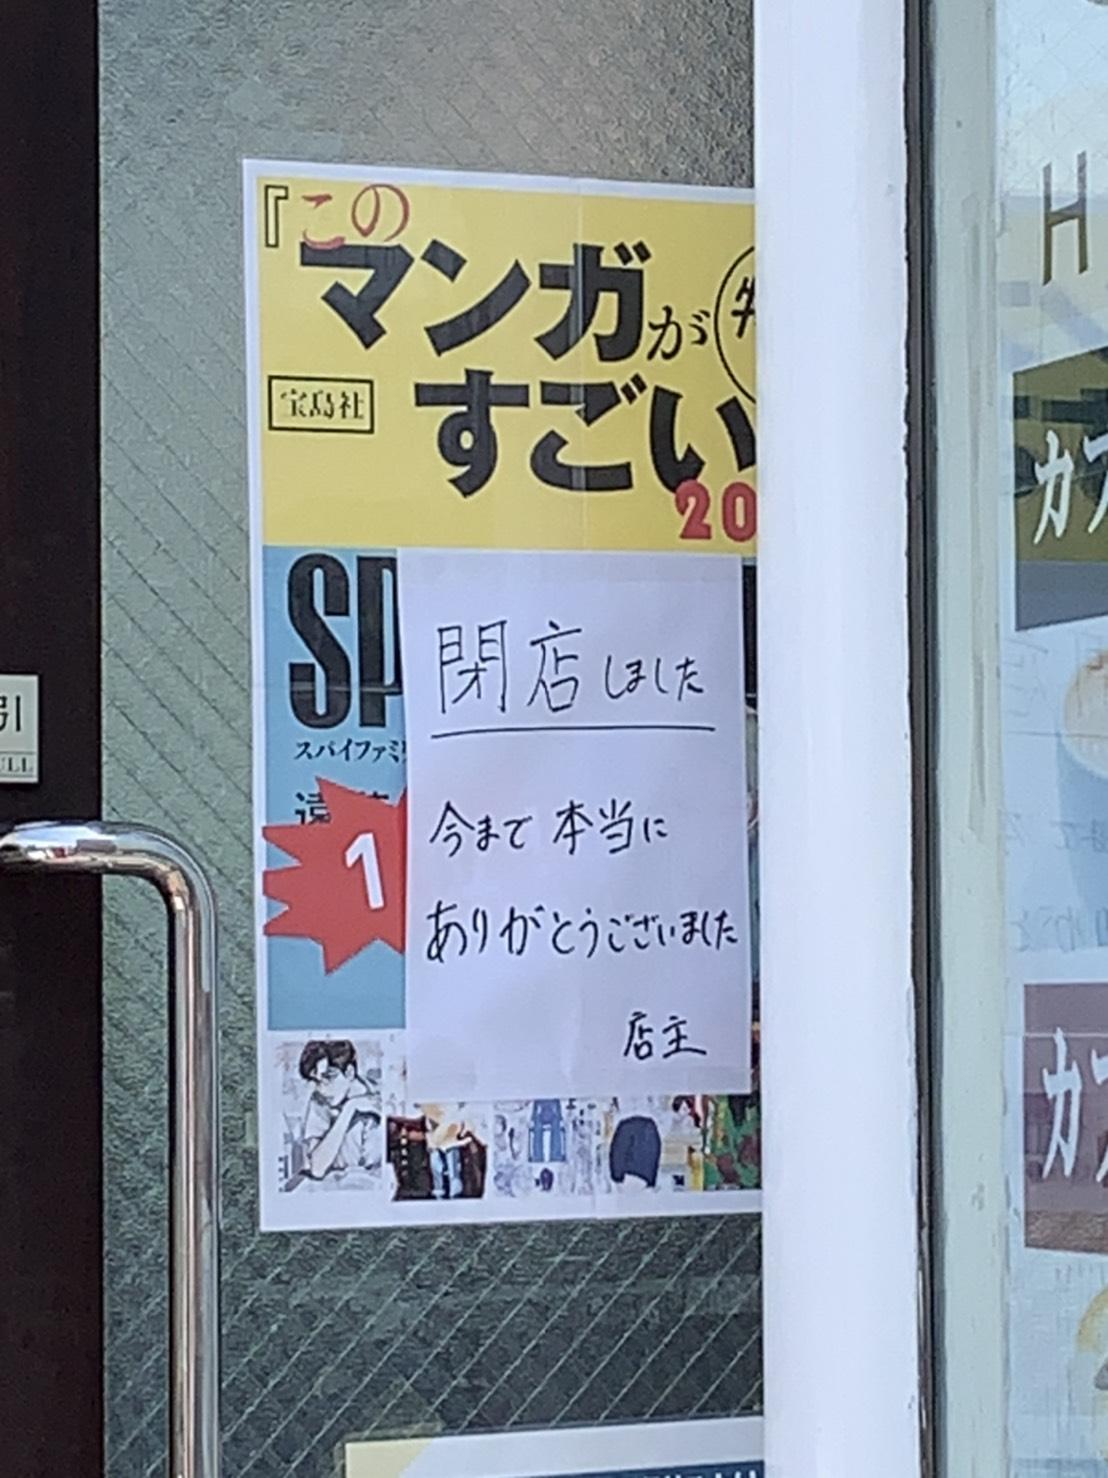 神戸ネットカフェ閉店